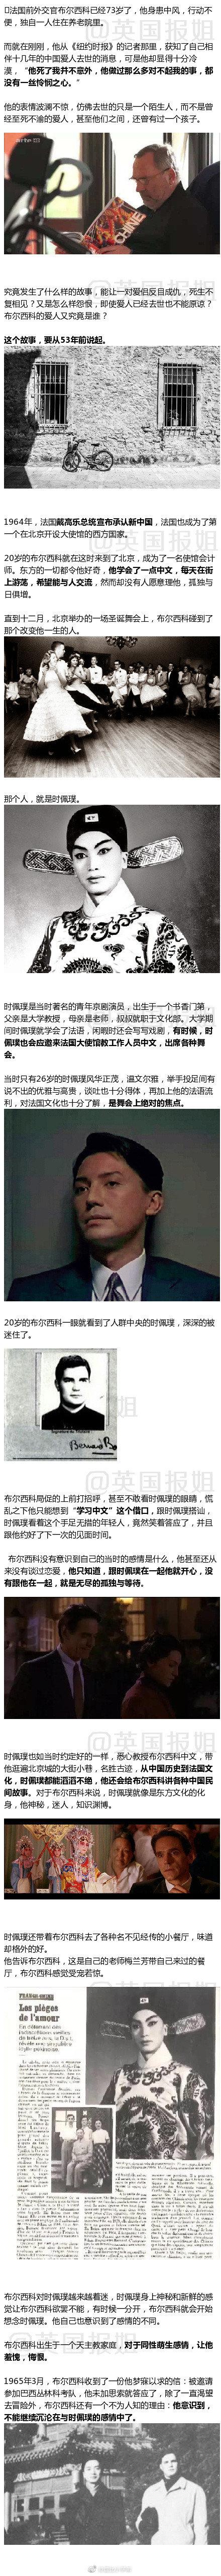 他曾是一代京剧名伶,与自己的法国外交官爱人海誓山盟